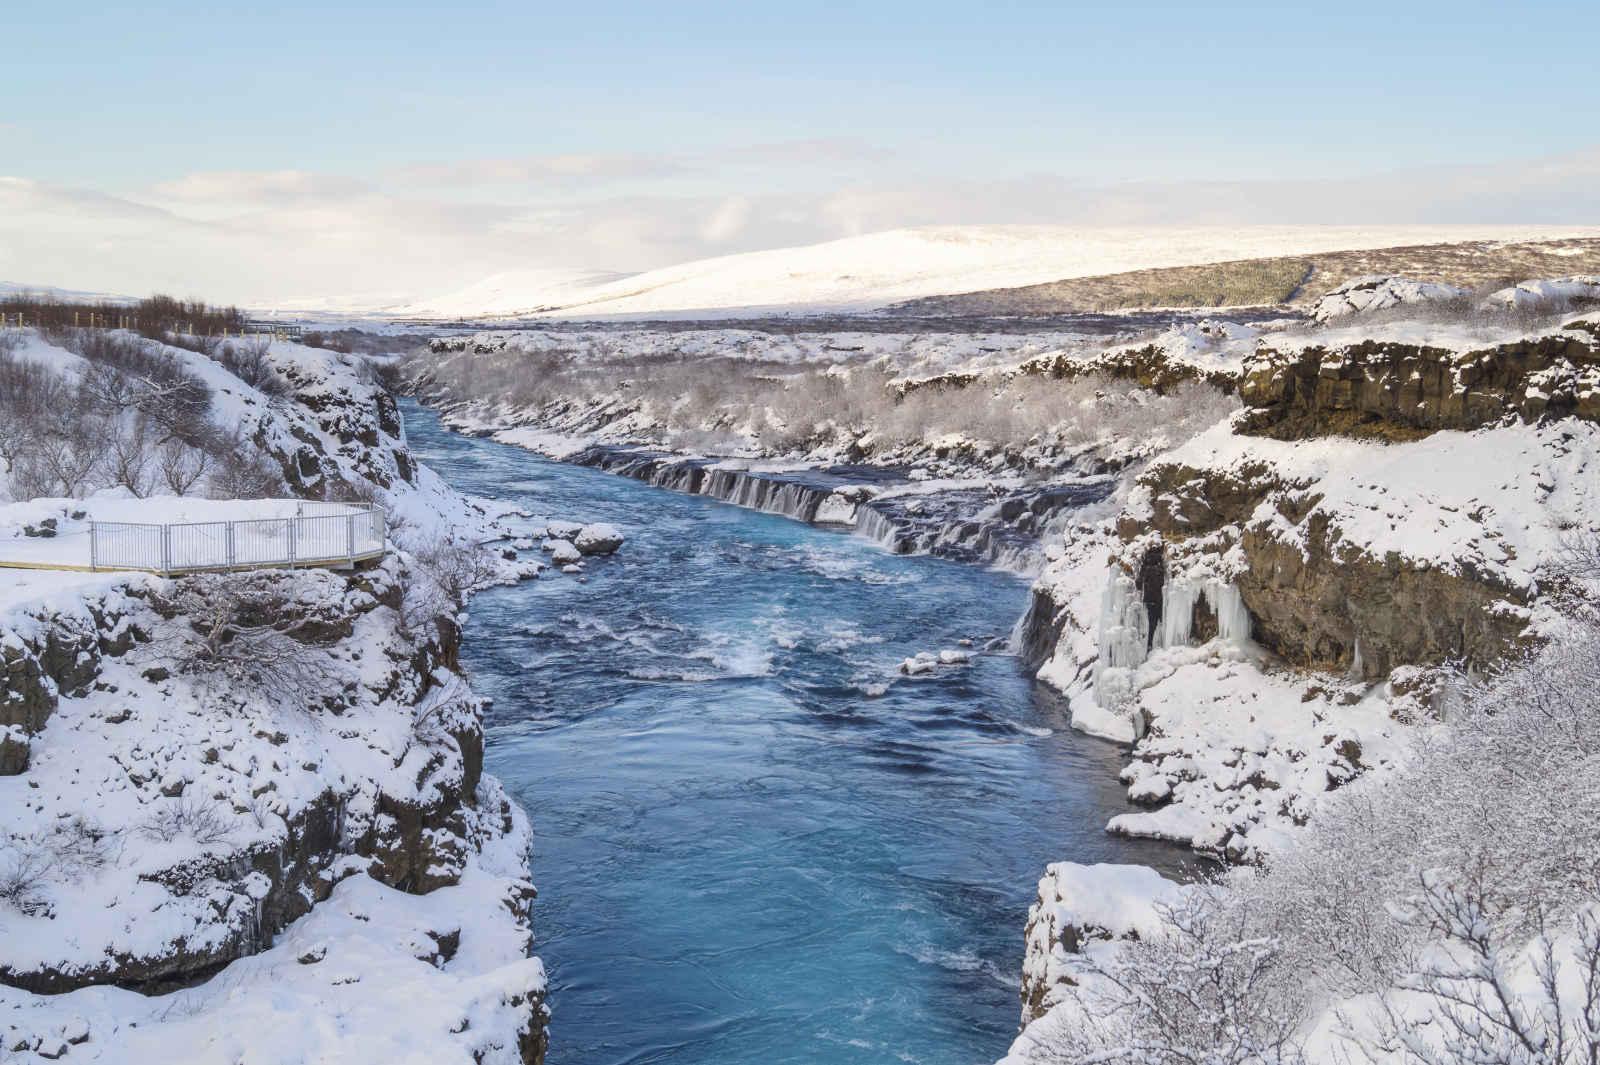 Photo n° 7 Merveilles de l'Ouest islandais